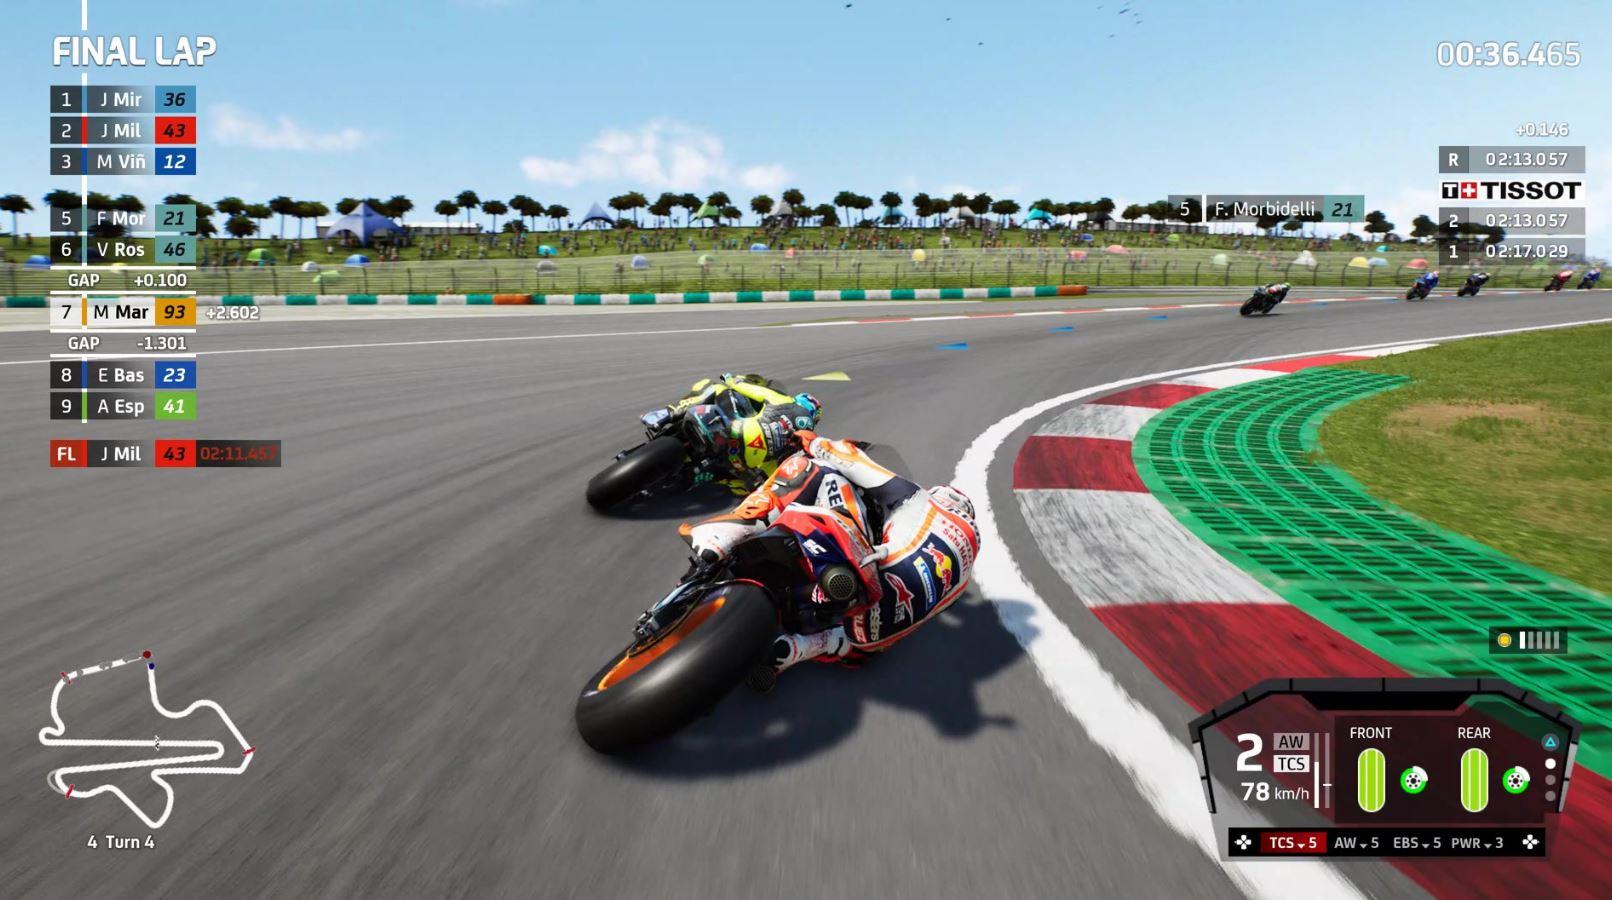 MotoGP 21 reveiw battle